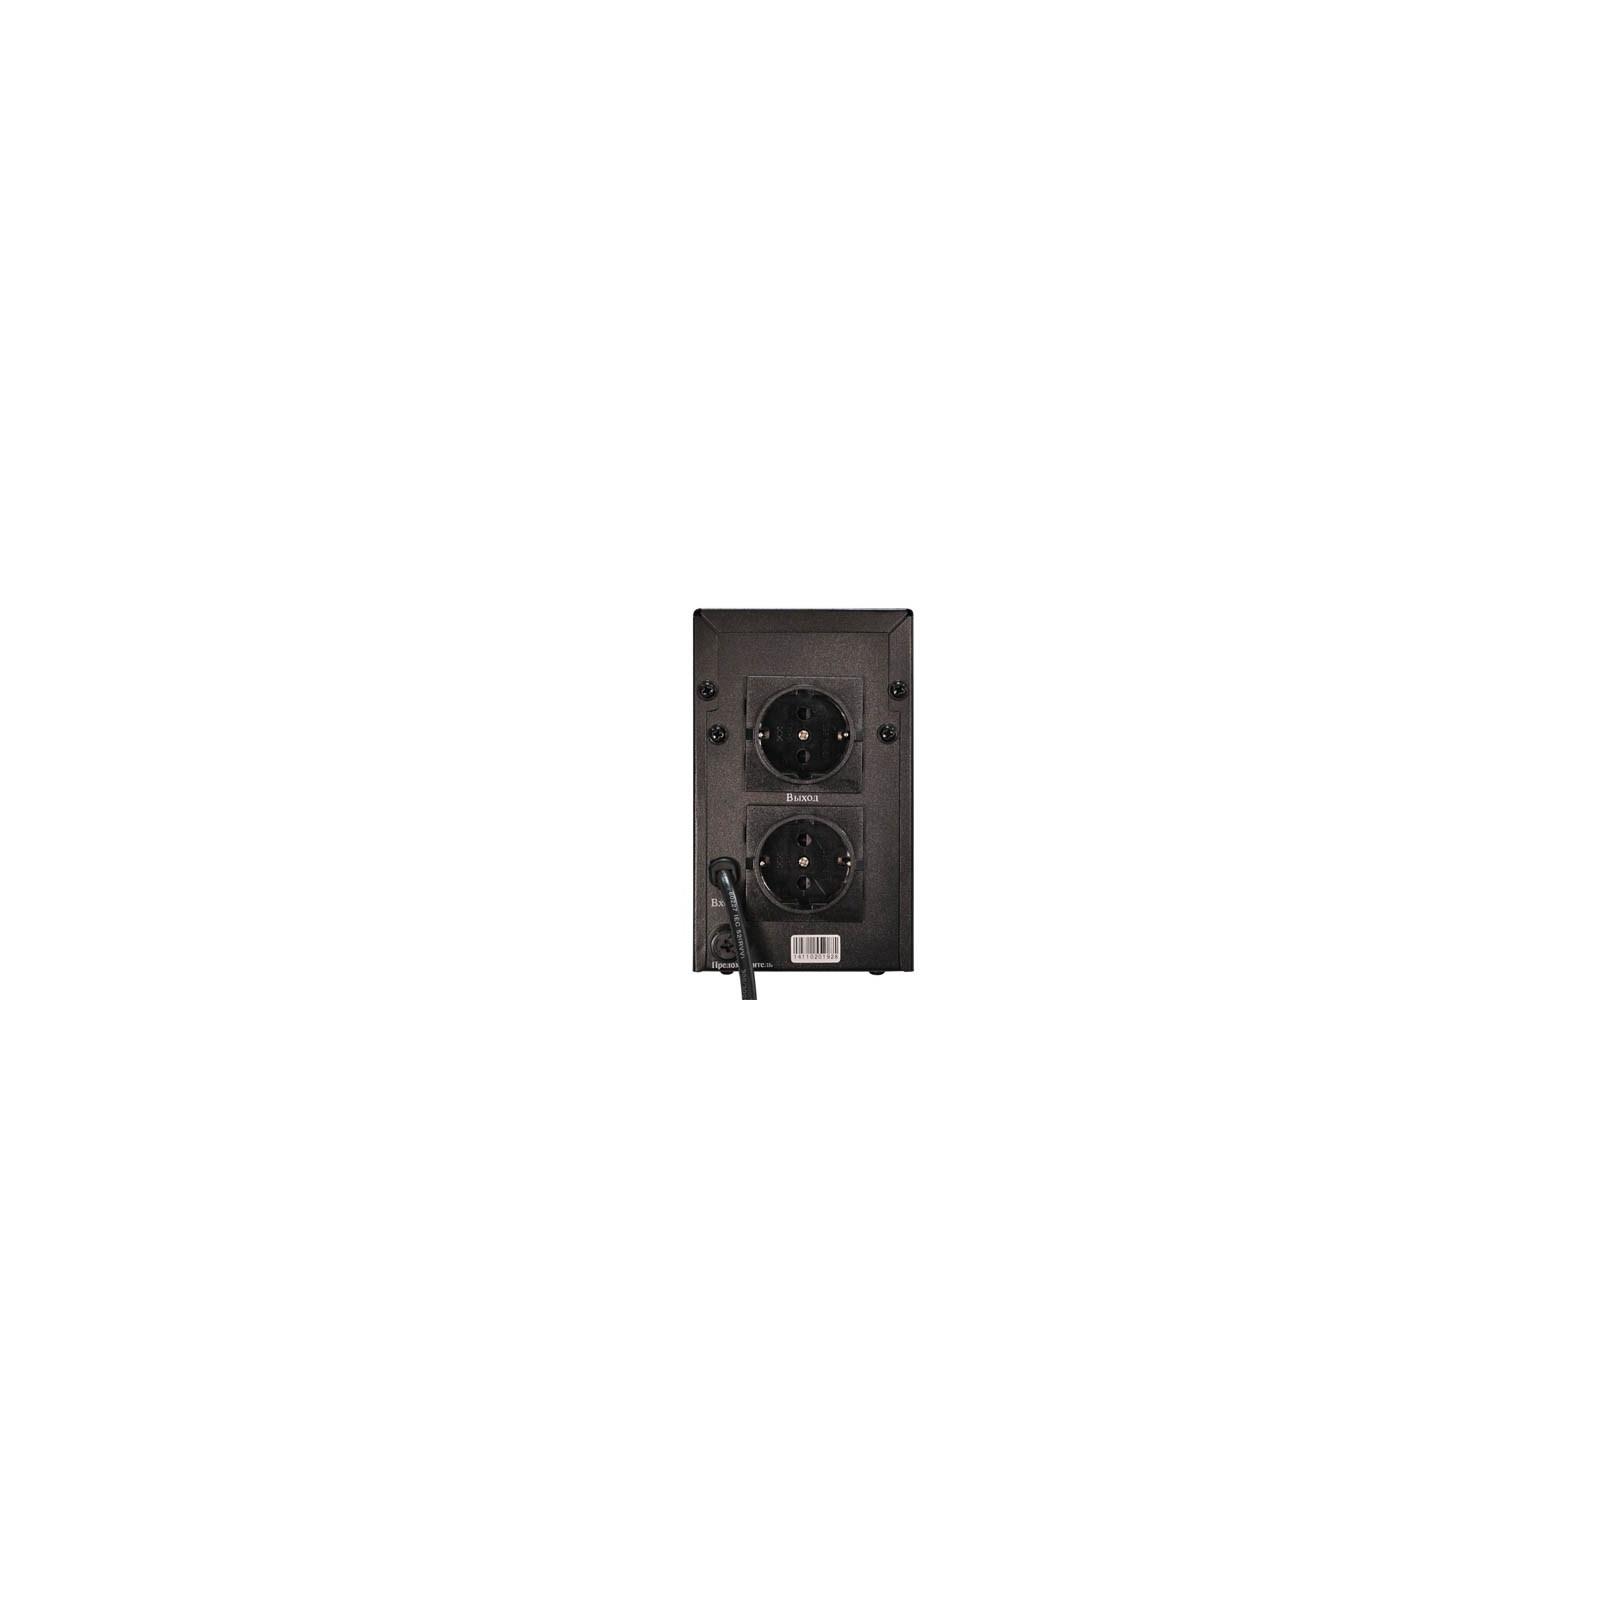 Источник бесперебойного питания KL650VA LCD (AVR) USB LogicPower (00001454) изображение 2